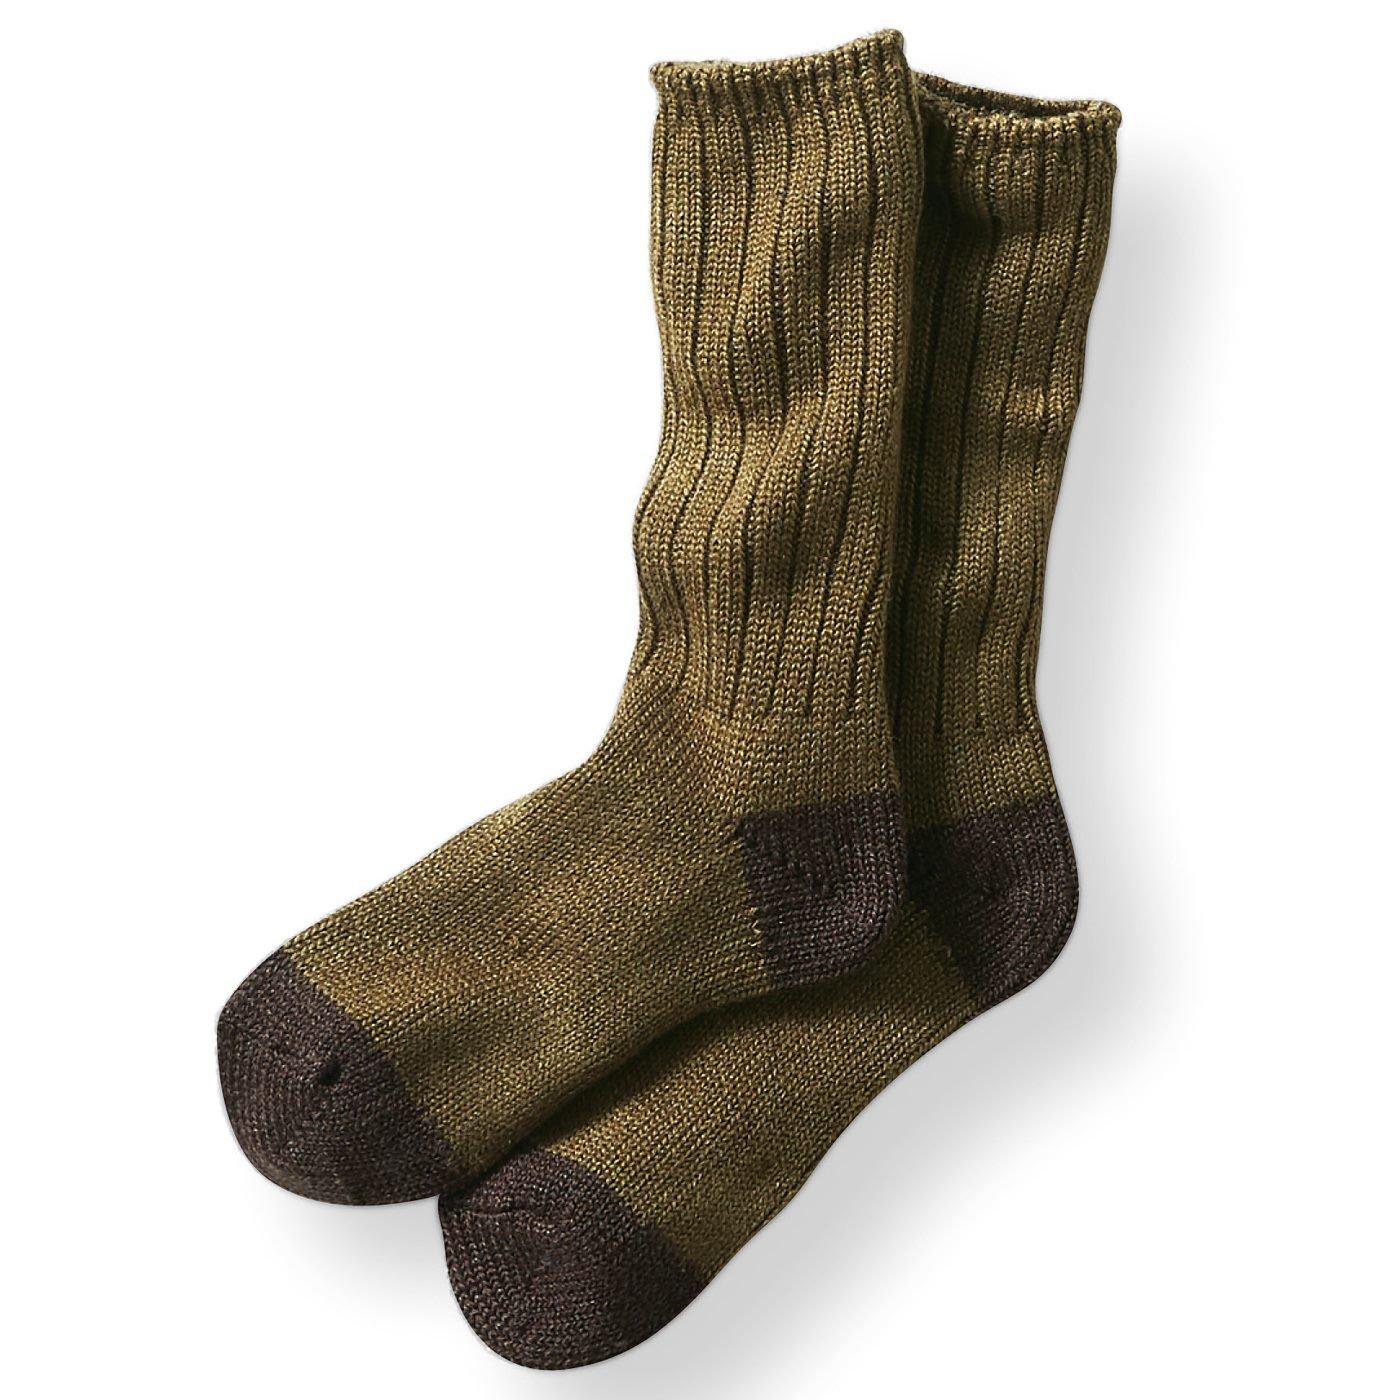 古着屋さんで見つけたようなウール混ざっくり靴下の会